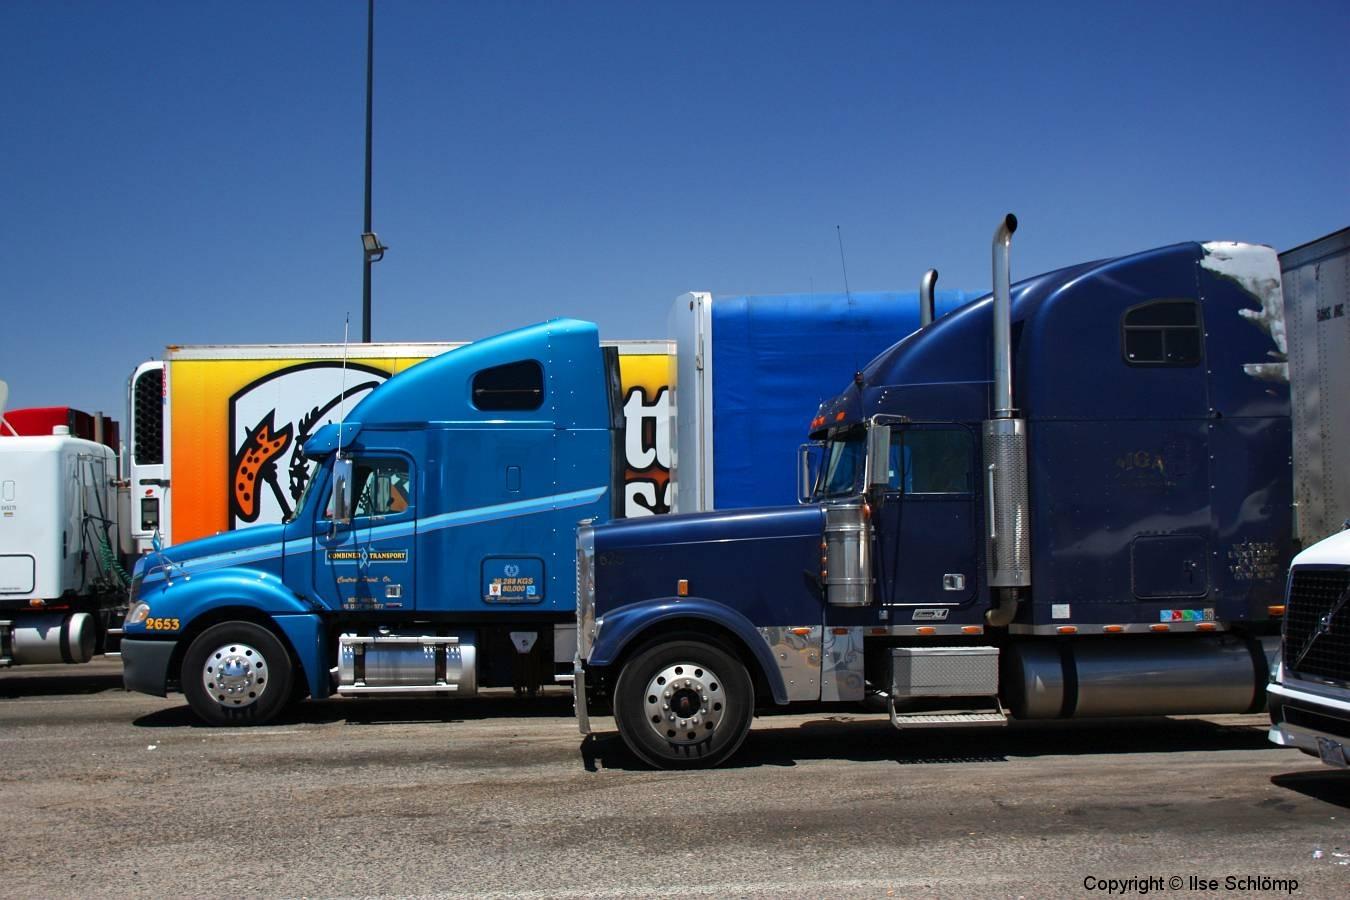 USA, Arizona, Route 66, Trucks